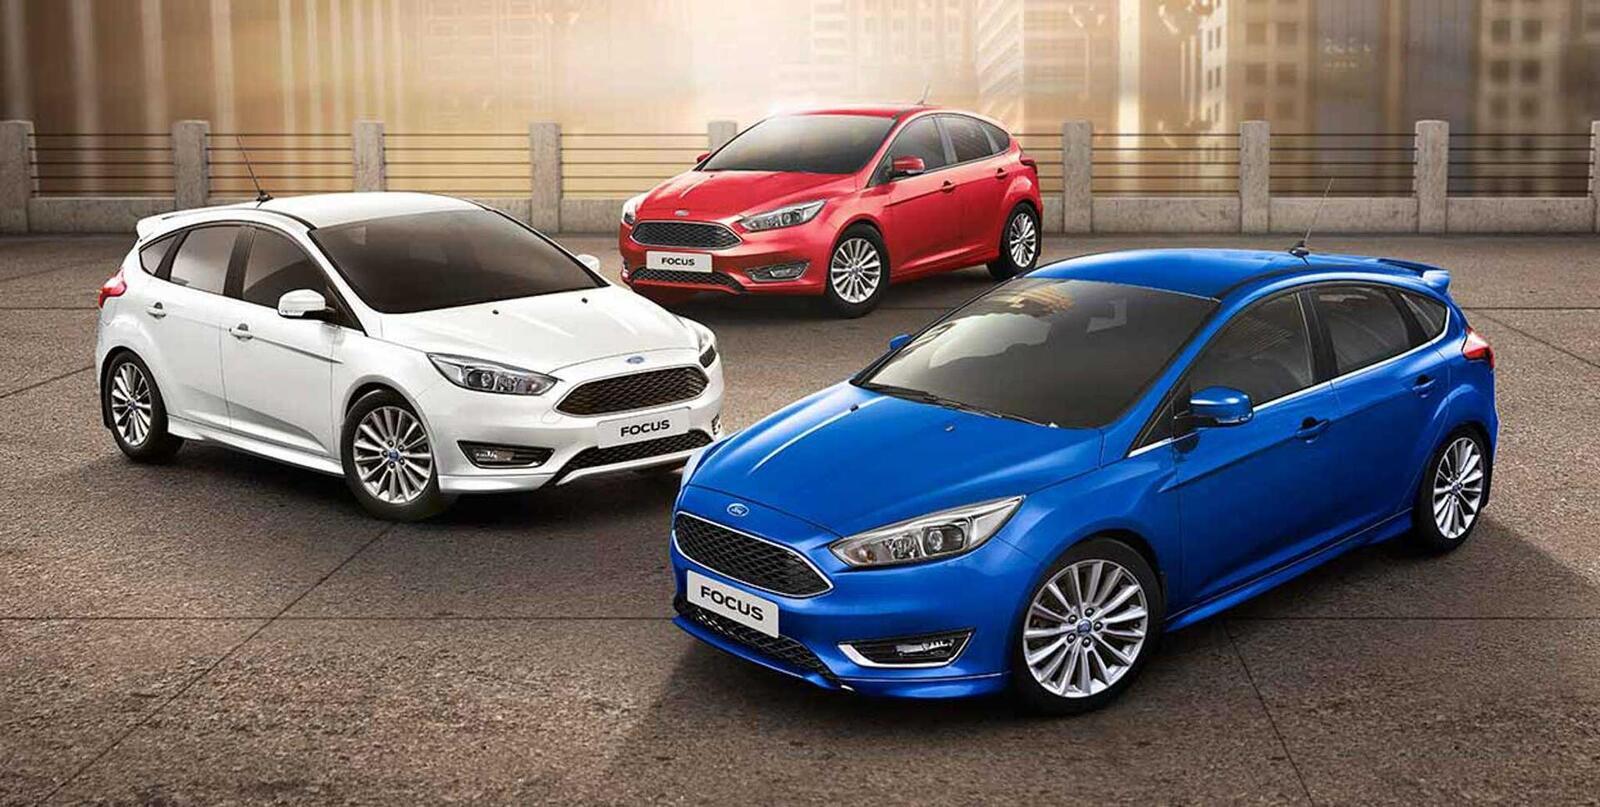 Ford Việt Nam bán hơn 1.900 chiếc Ranger mới trong tháng 12/2018 vừa qua - Hình 5